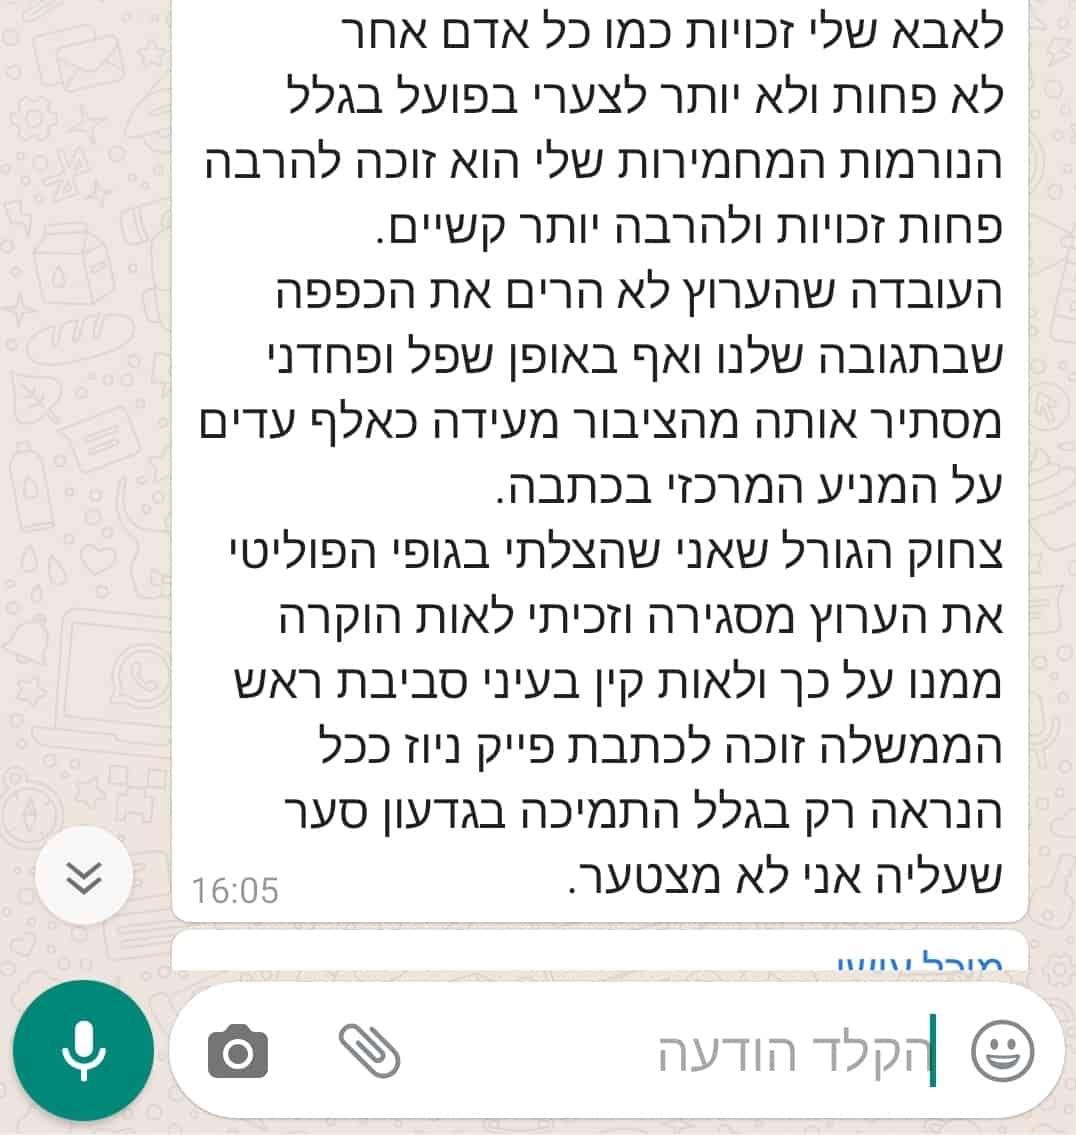 WhatsApp Image 2020-02-11 at 19.45.36